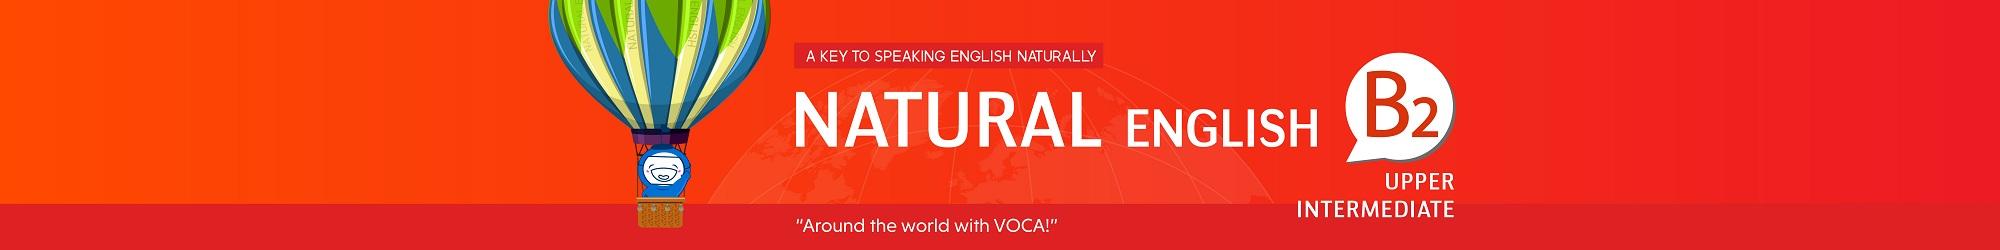 NATURAL ENGLISH B2 banner